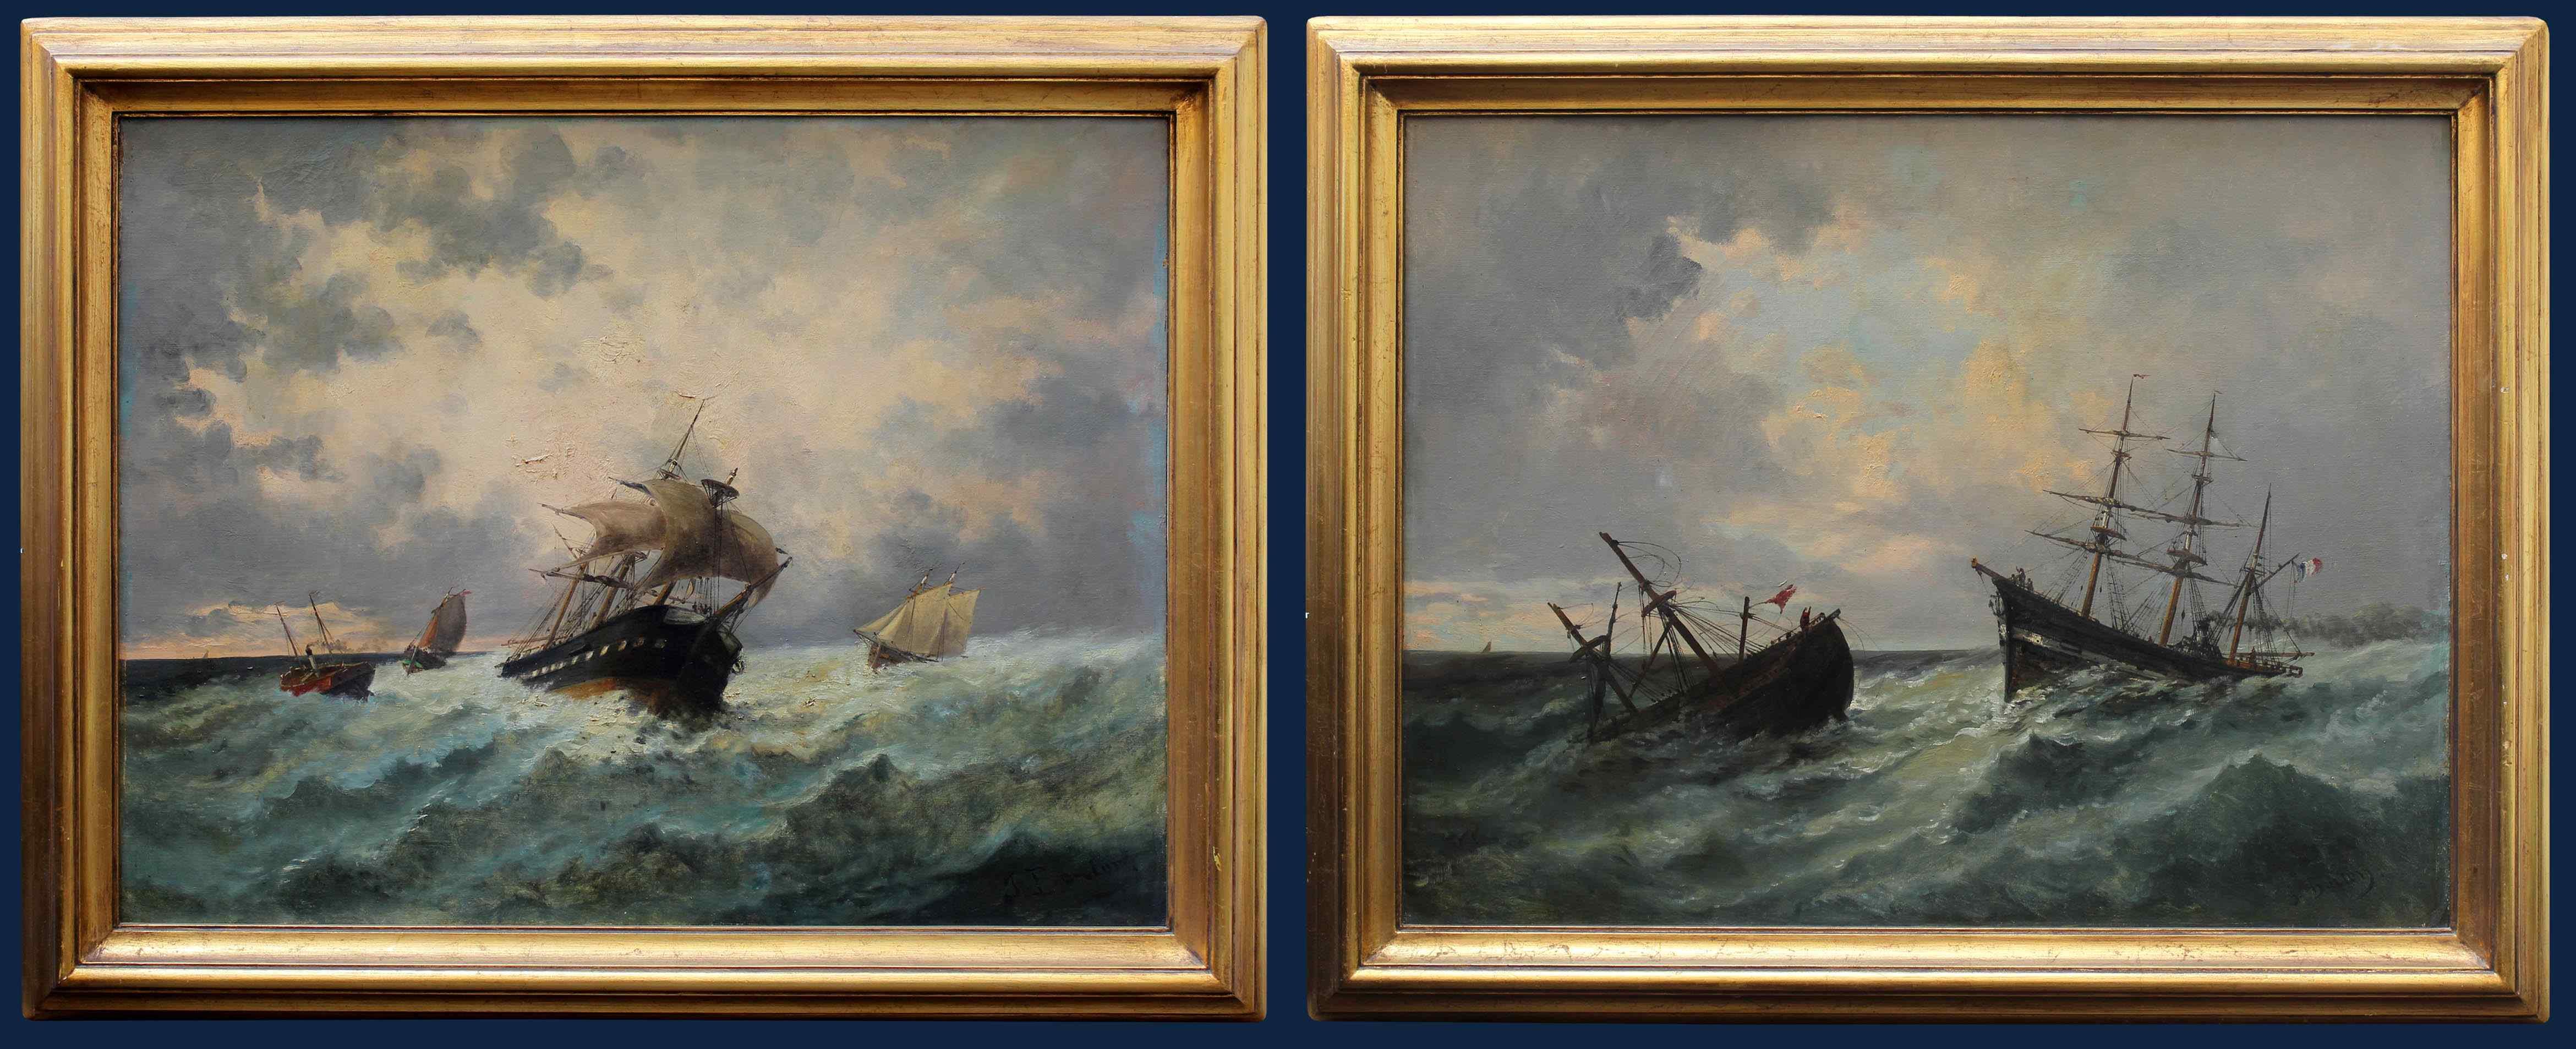 Jan Georges Berton, 19th century, Pair of marinas with saili